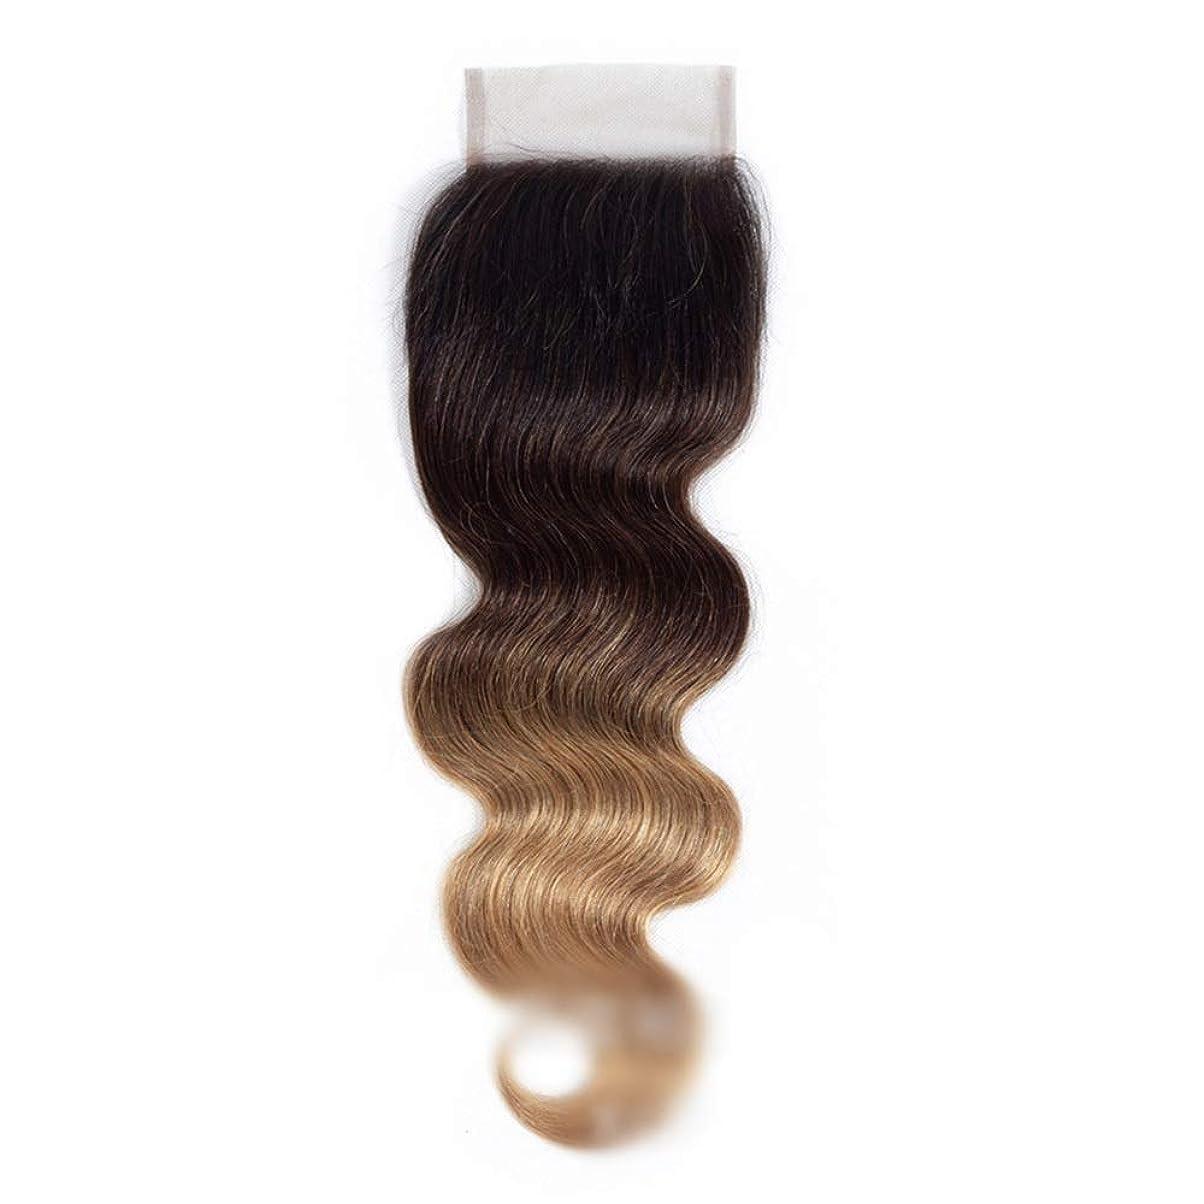 合理化航空会社脅迫YESONEEP ブラジルの実体波人間の髪の毛の耳に4 * 4レース前頭閉鎖1B / 4/27 3トーンカラーブラウンウィッグロングストレートウィッグ (色 : ブラウン, サイズ : 18 inch)